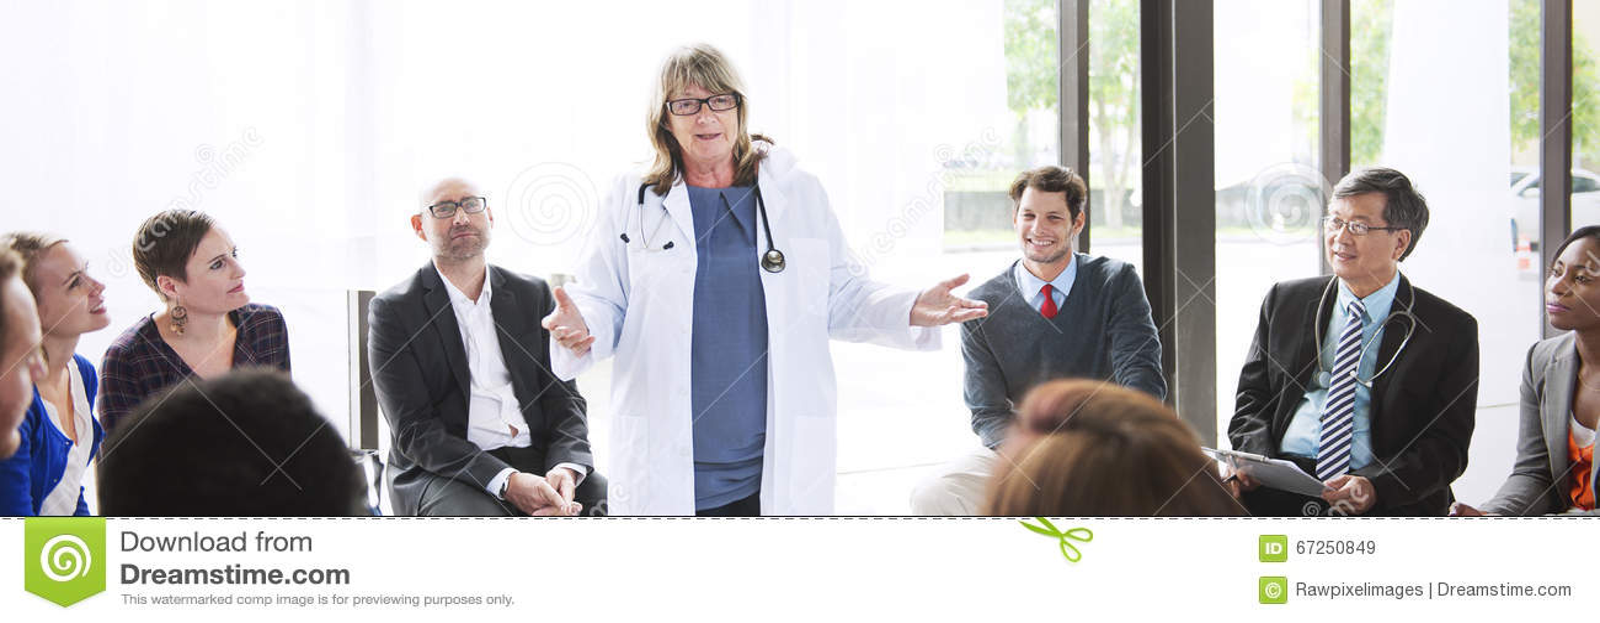 Έννοια υγειονομικής περίθαλψης διαγνώσεων ομαδικής εργασίας συνεδρίασης των γιατρών